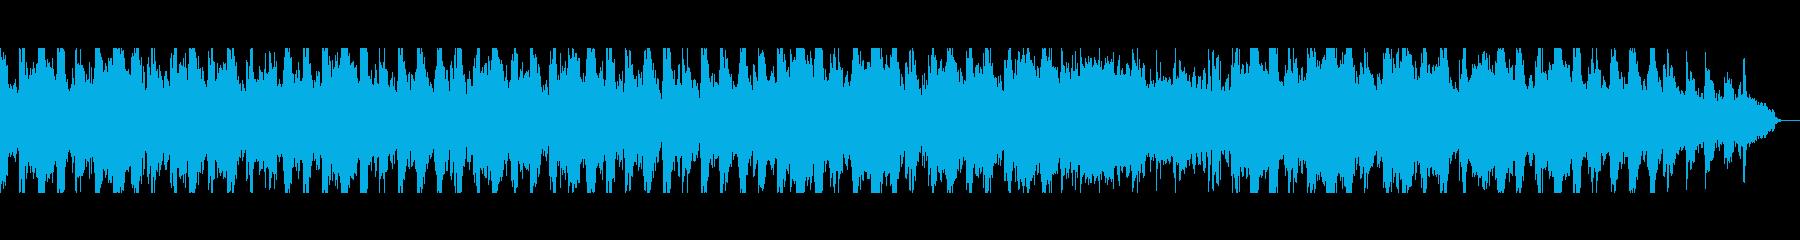 落ち着いたミニマル風のピアノ曲の再生済みの波形